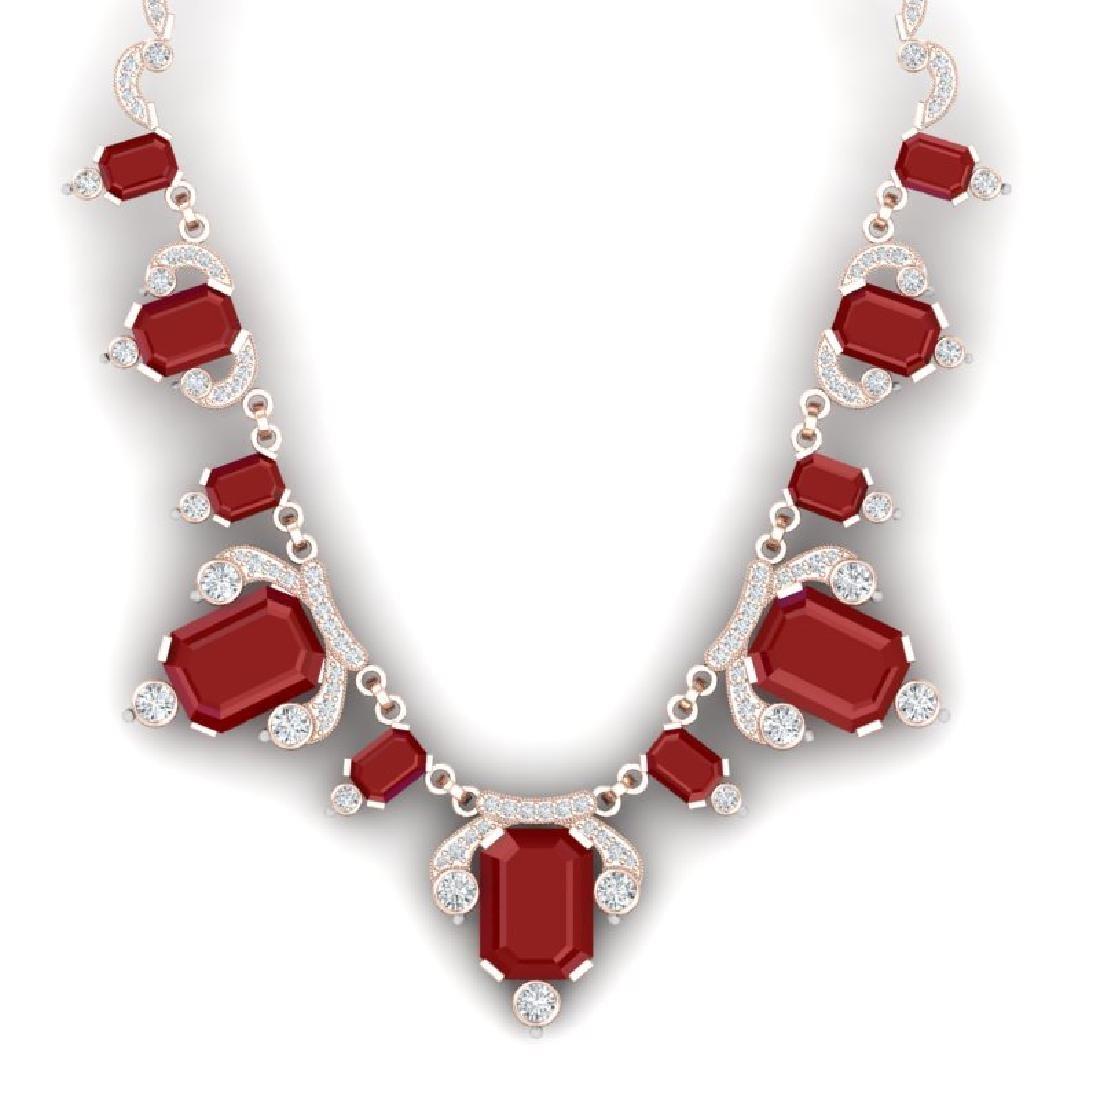 75.21 CTW Royalty Ruby & VS Diamond Necklace 18K Rose